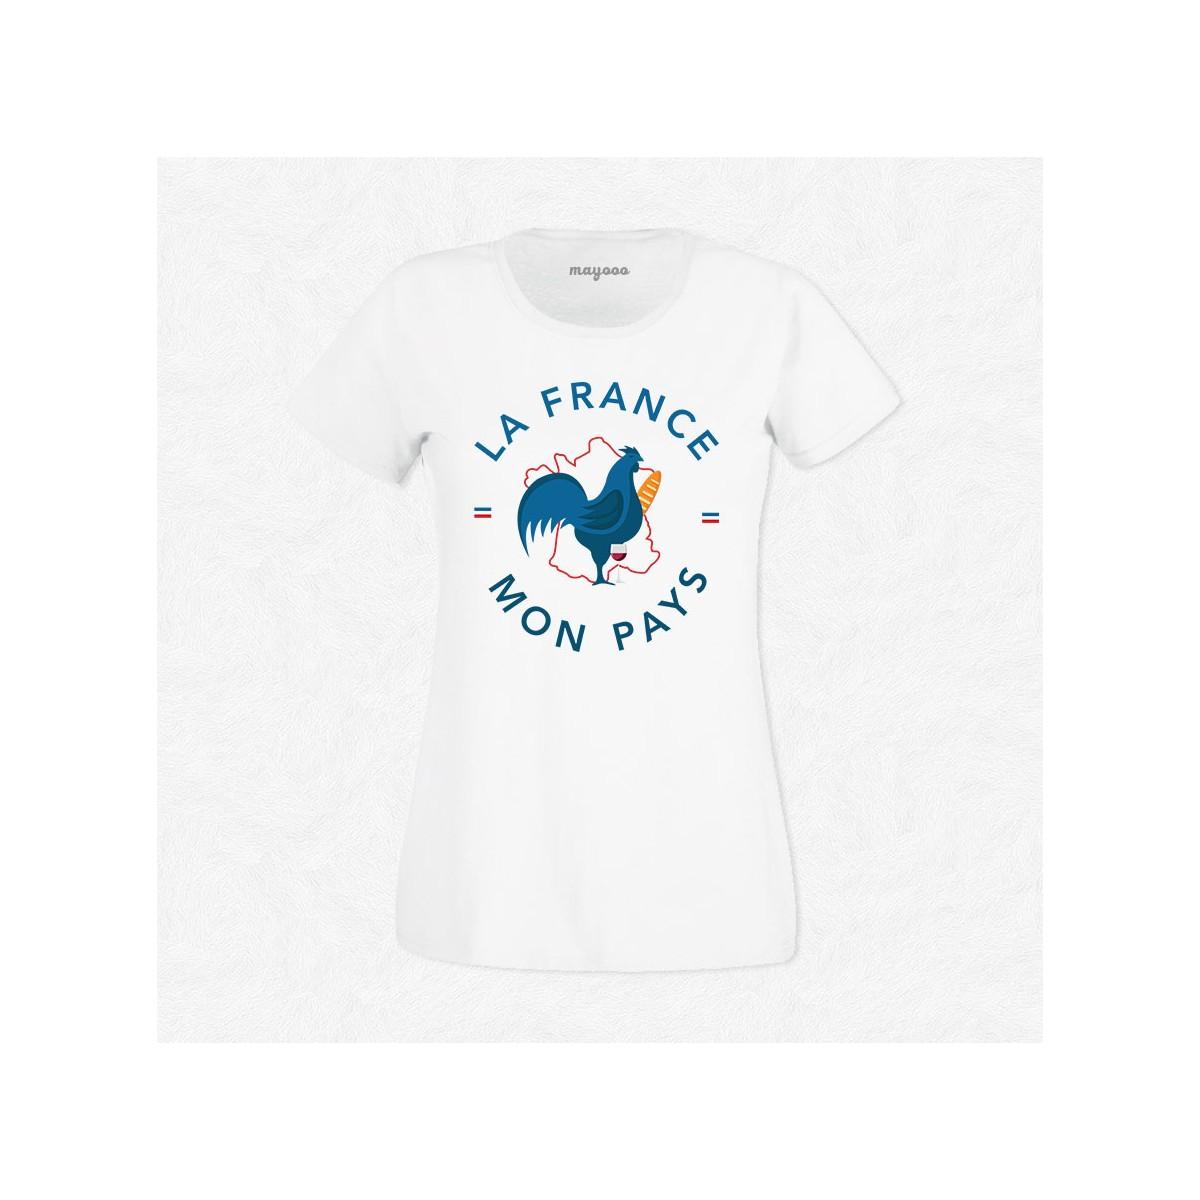 T-shirt La France, Mon pays